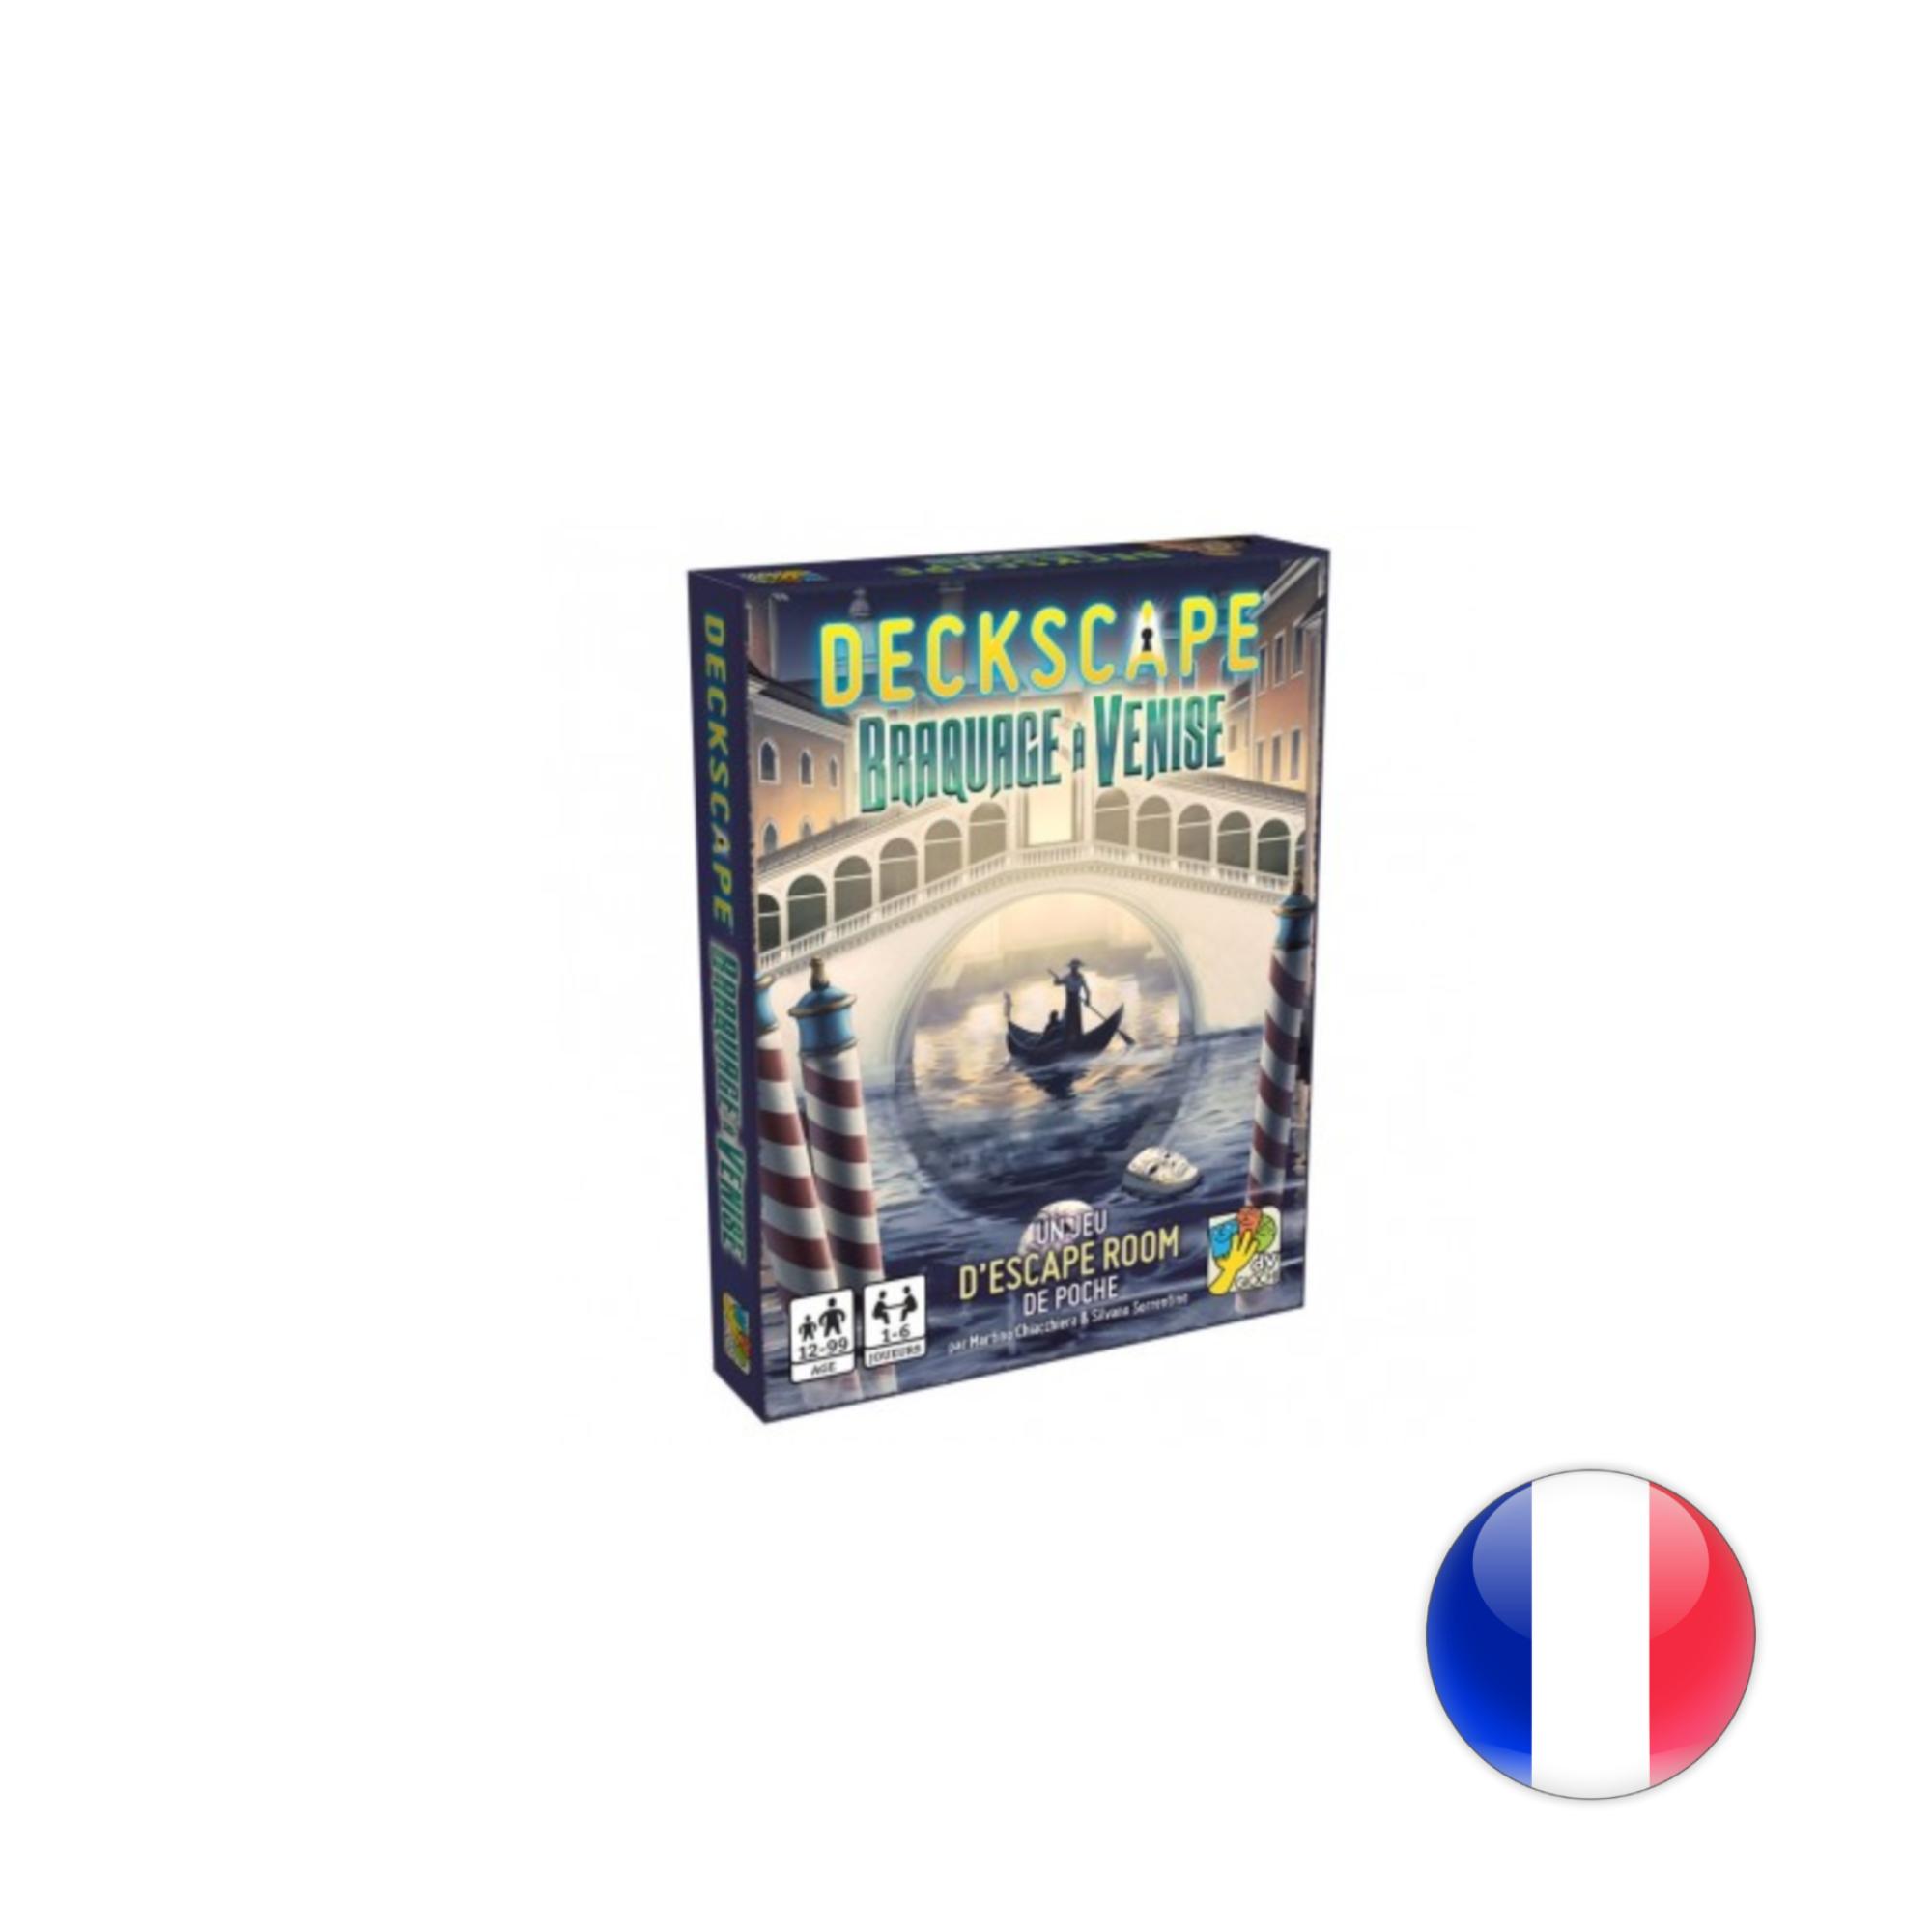 Deckscape 3: Braquage à Venise